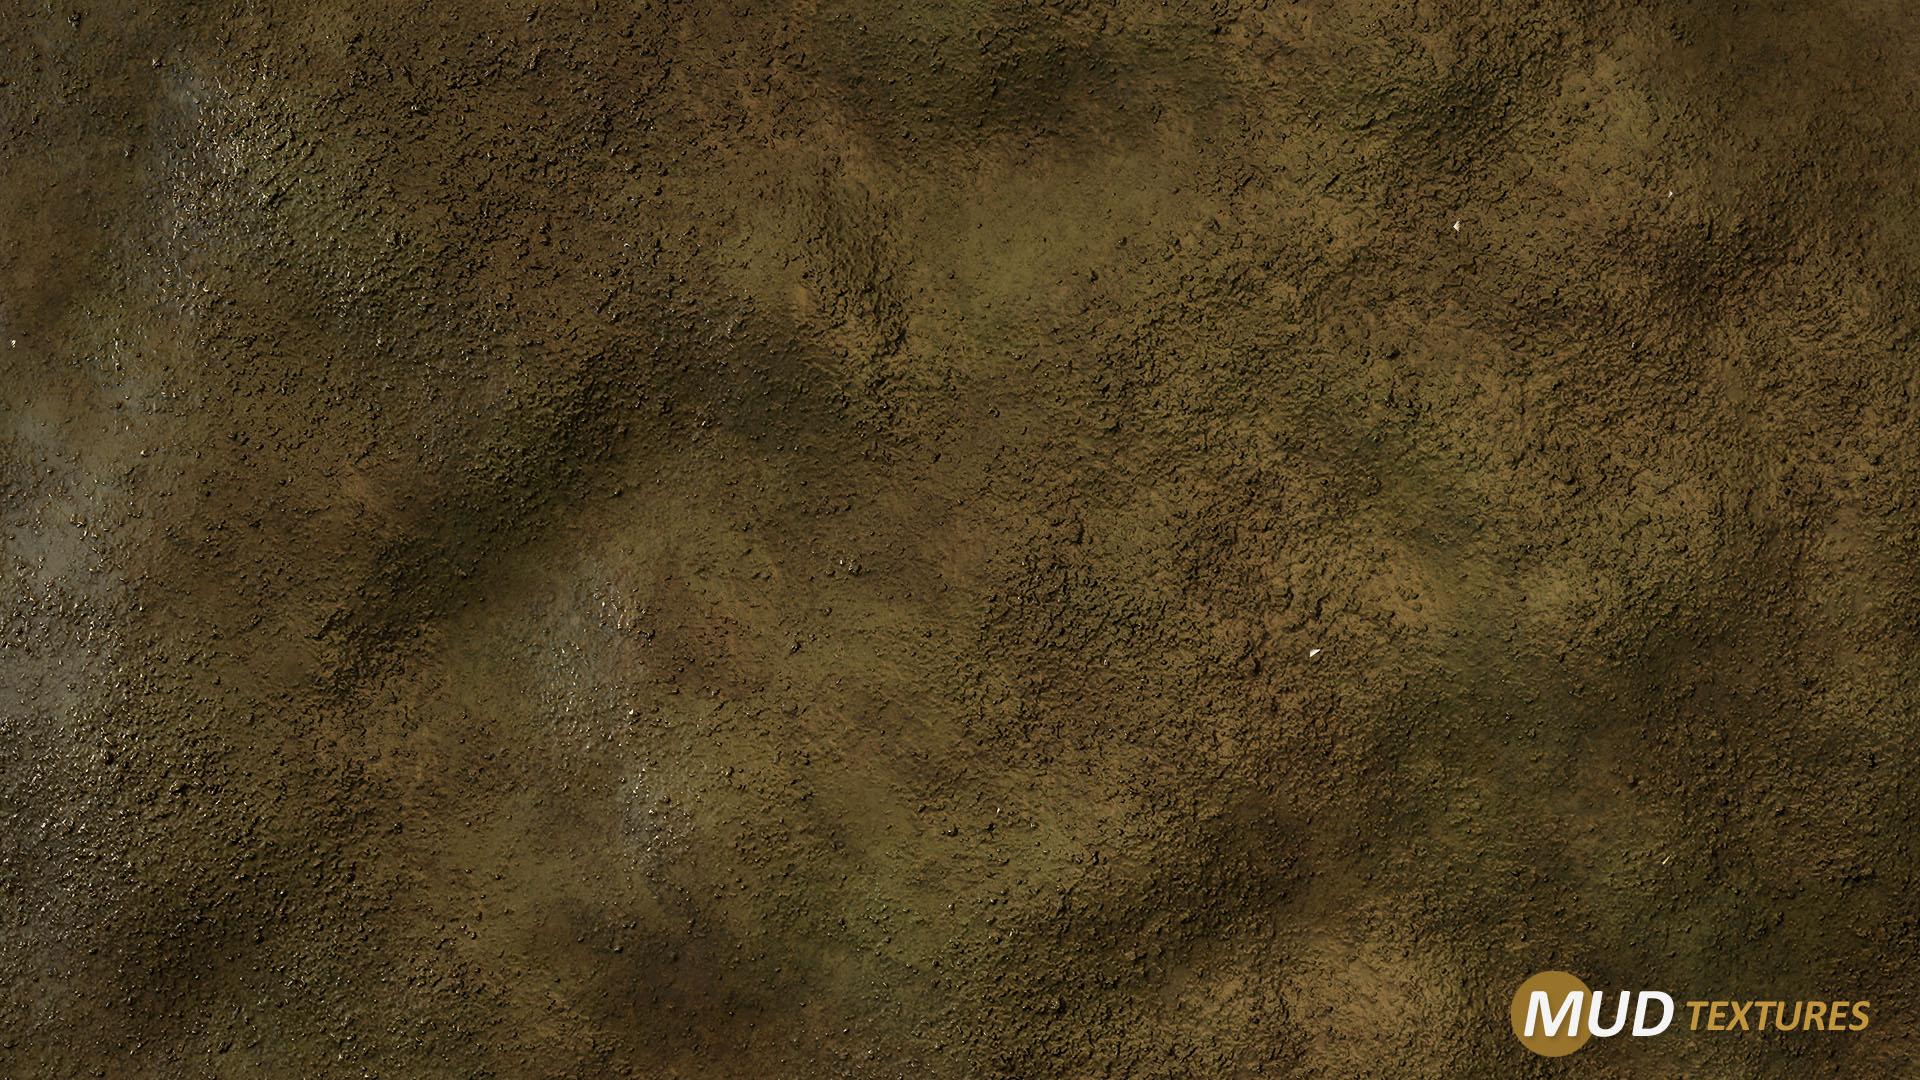 mud_texture_01.jpg